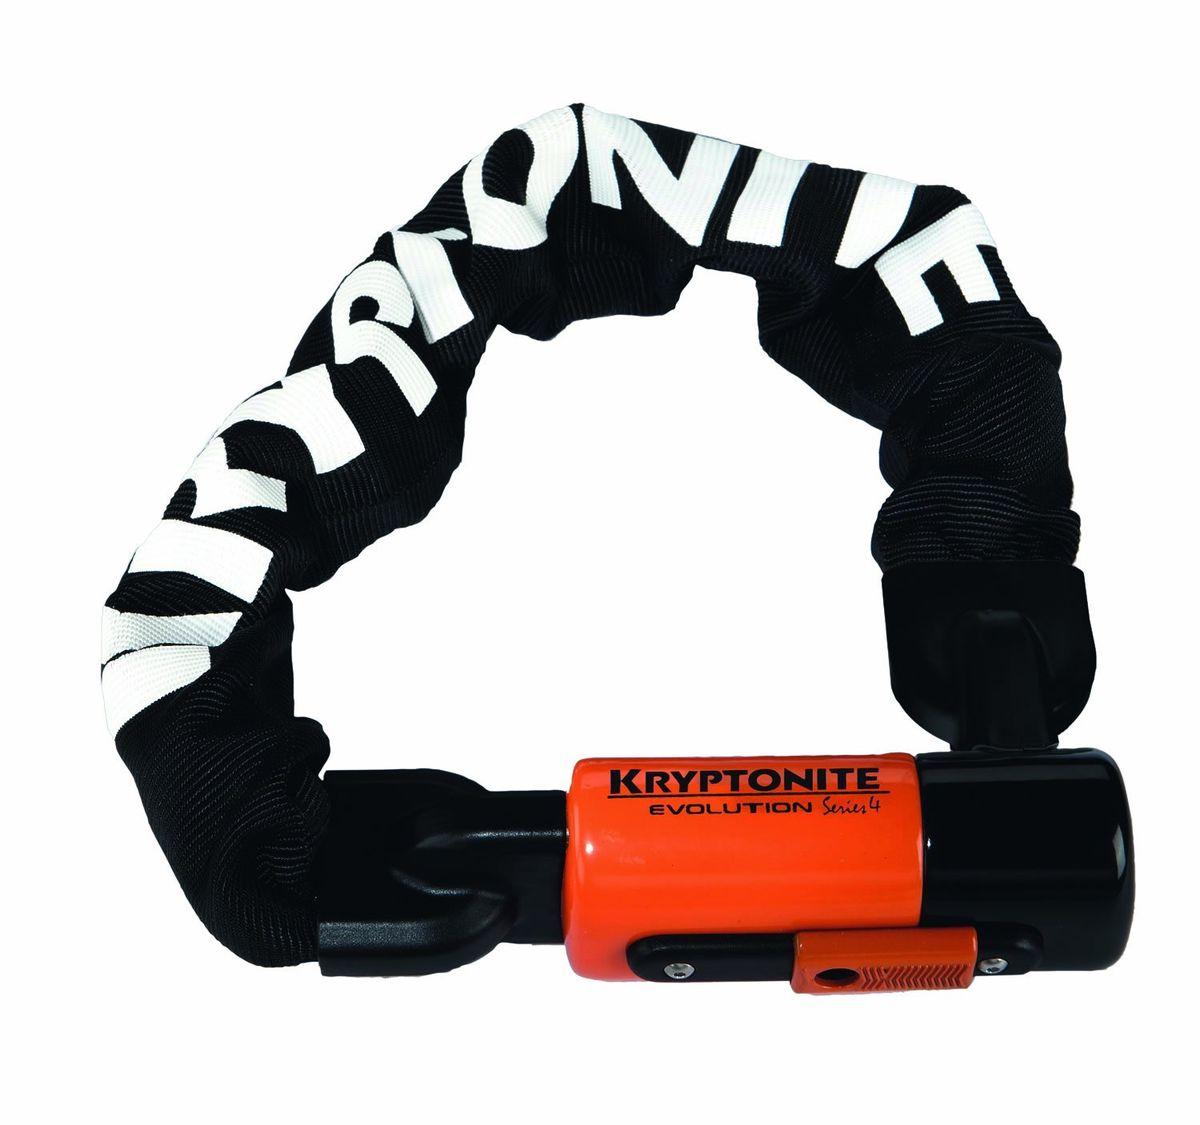 Замок велосипедный Kryptonite Chains Evolution Series 4 1016 Integrated Chain, черный, 10mm x 160cm1508160Мощная цепь Kryptonite Evolution series 4 1016 с толстыми звеньями способна предотвратить кражу вашего любимого транспортного средства.Преимущества велосипедного замка-цепи Kryptonite Evolution Series 4 1016:1. Компактные размеры2. Защита 8 баллов из 10 возможных по шкале Kryptonite для велосипедных замков 3. Три ключа из нержавеющей стали в комплекте (1 с Led-подсветкой)4. Key-Safe Program (2 дополнительных дубликата при потере ключа) 5. Прочный нейлоновый чехол защищающий лакокрасочные покрытия от царапин6. Виниловое покрытие замка7. Закаленные звенья, толщиной 10 мм из марганцевой стали8. Длина цепи 160 см, позволяет закрепить сразу несколько велосипедов9. Защита от пыли и влаги.